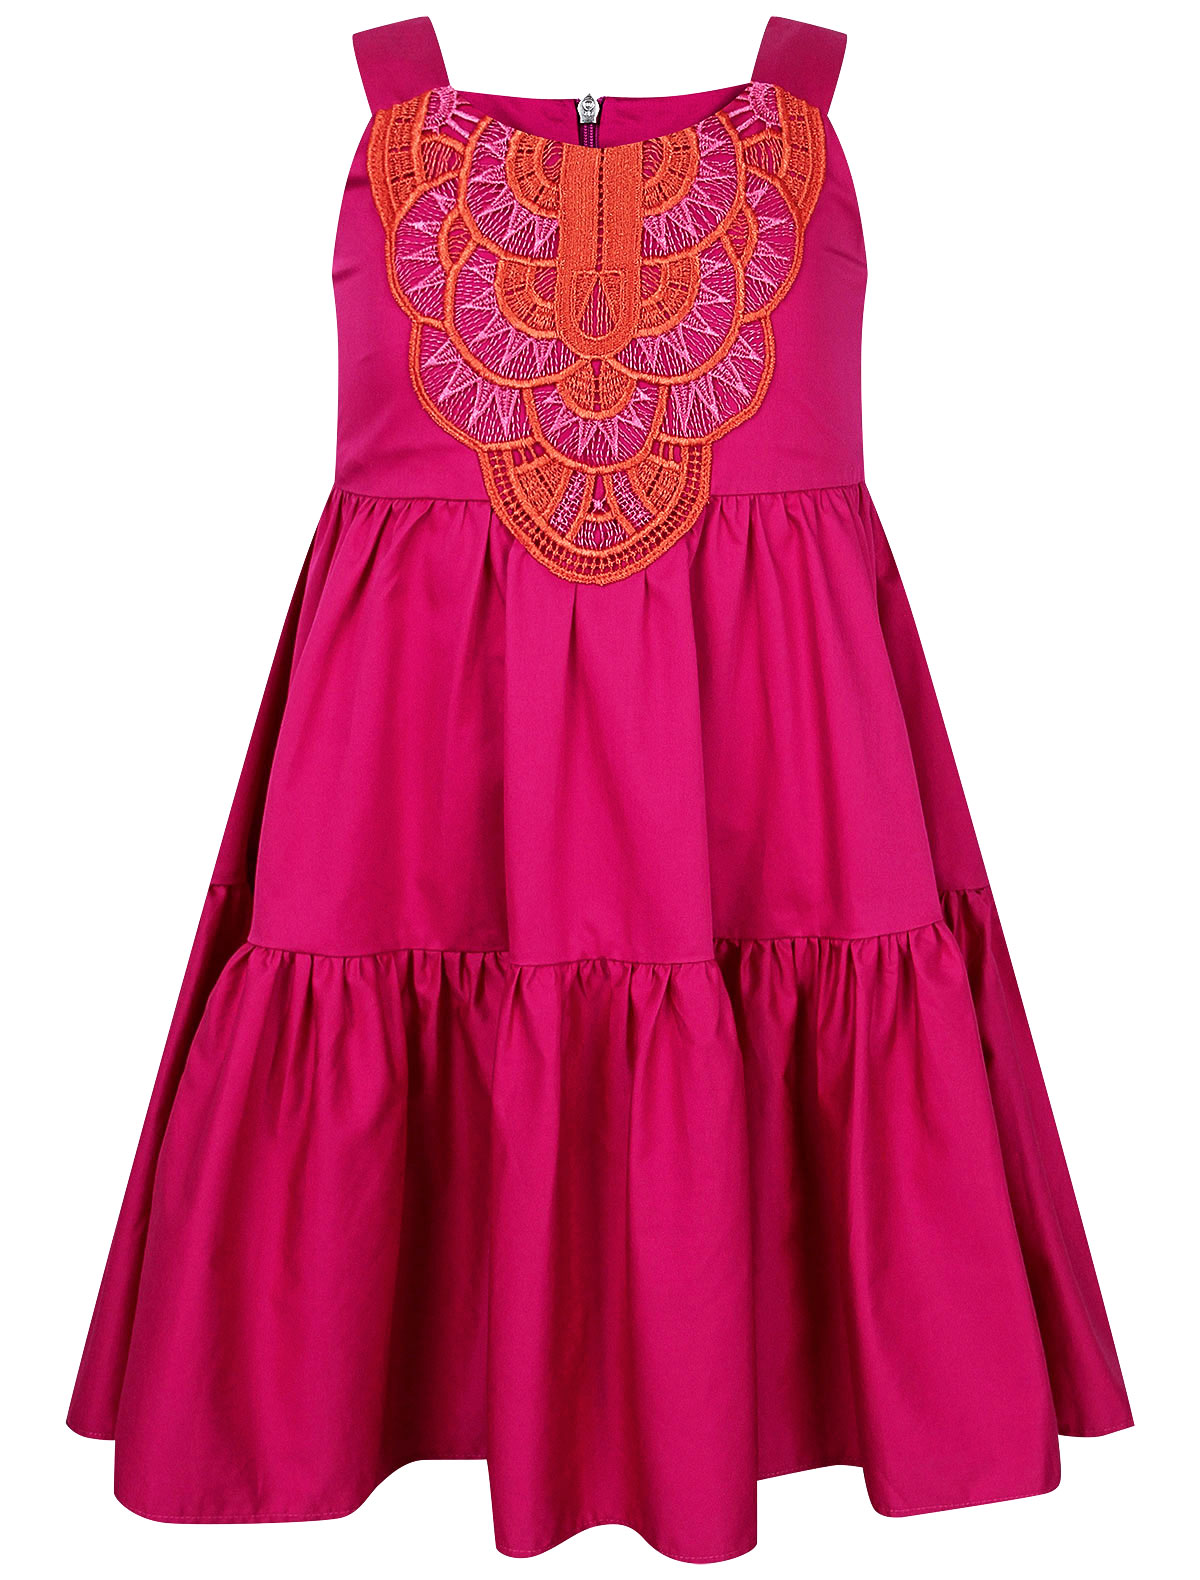 Купить 2302762, Платье ALBERTA FERRETTI, розовый, Женский, 1054609174067